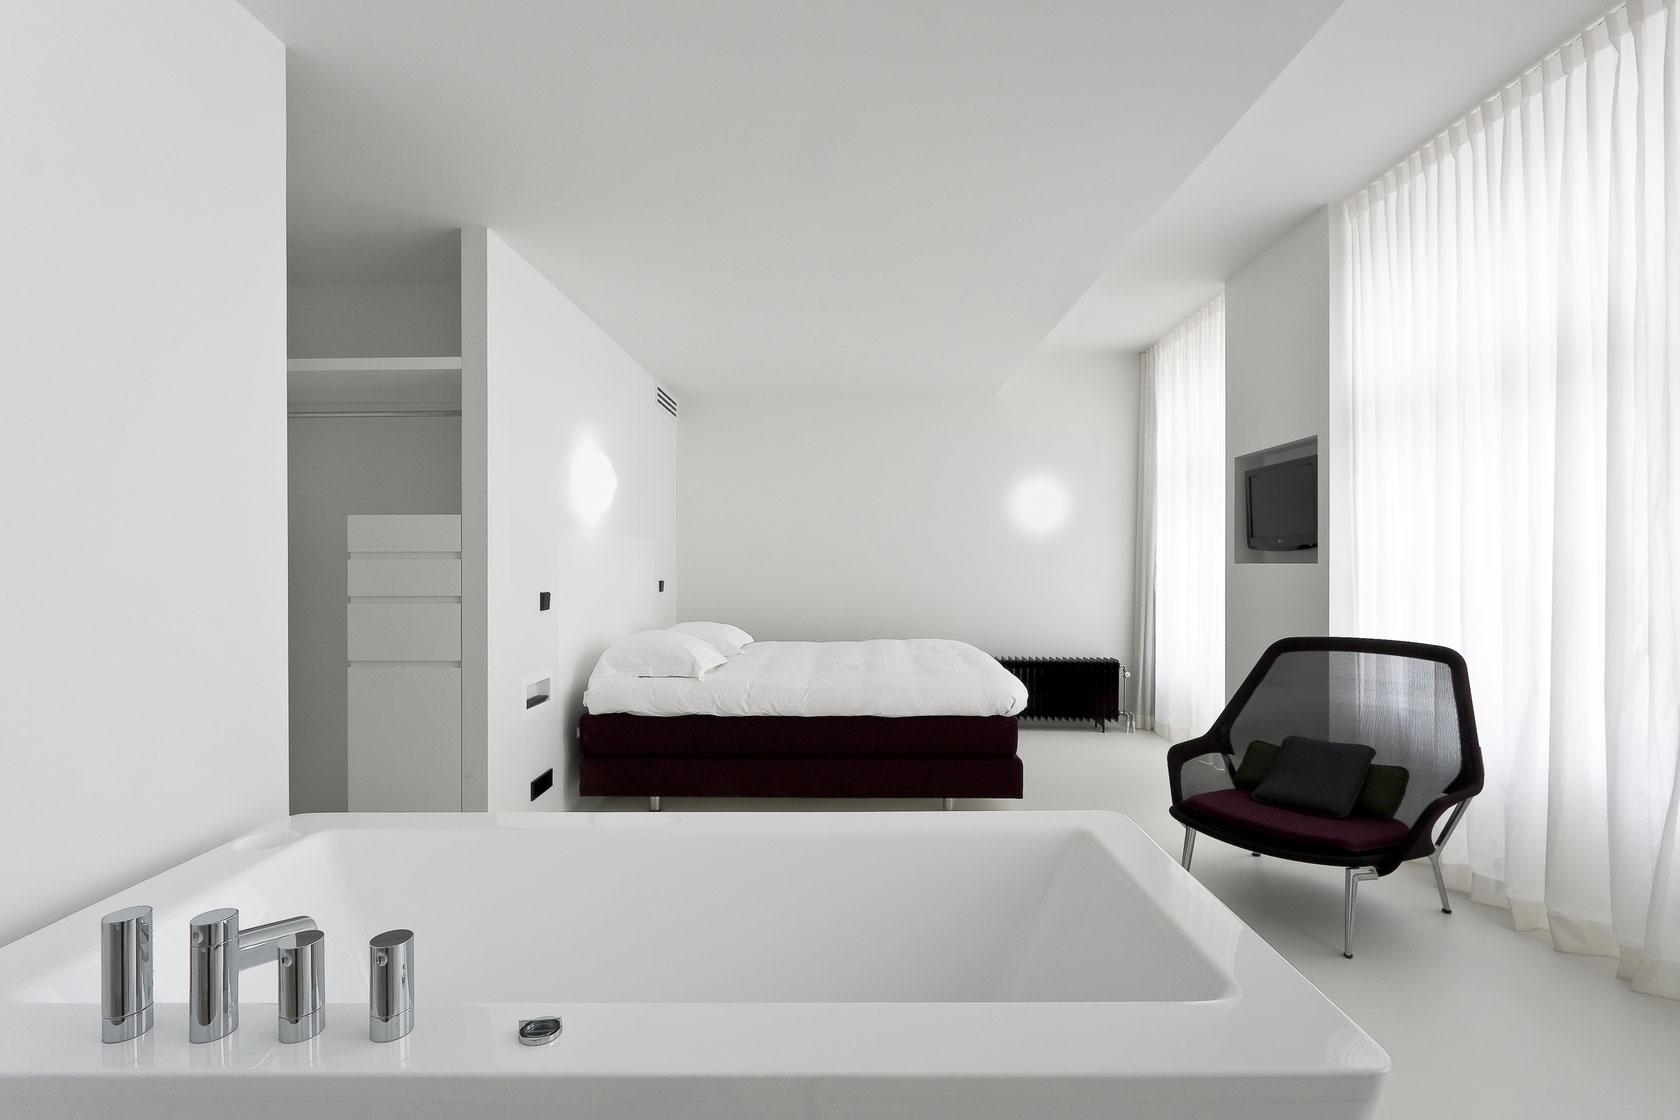 Чудные шторы в дизайне интерьера помещения